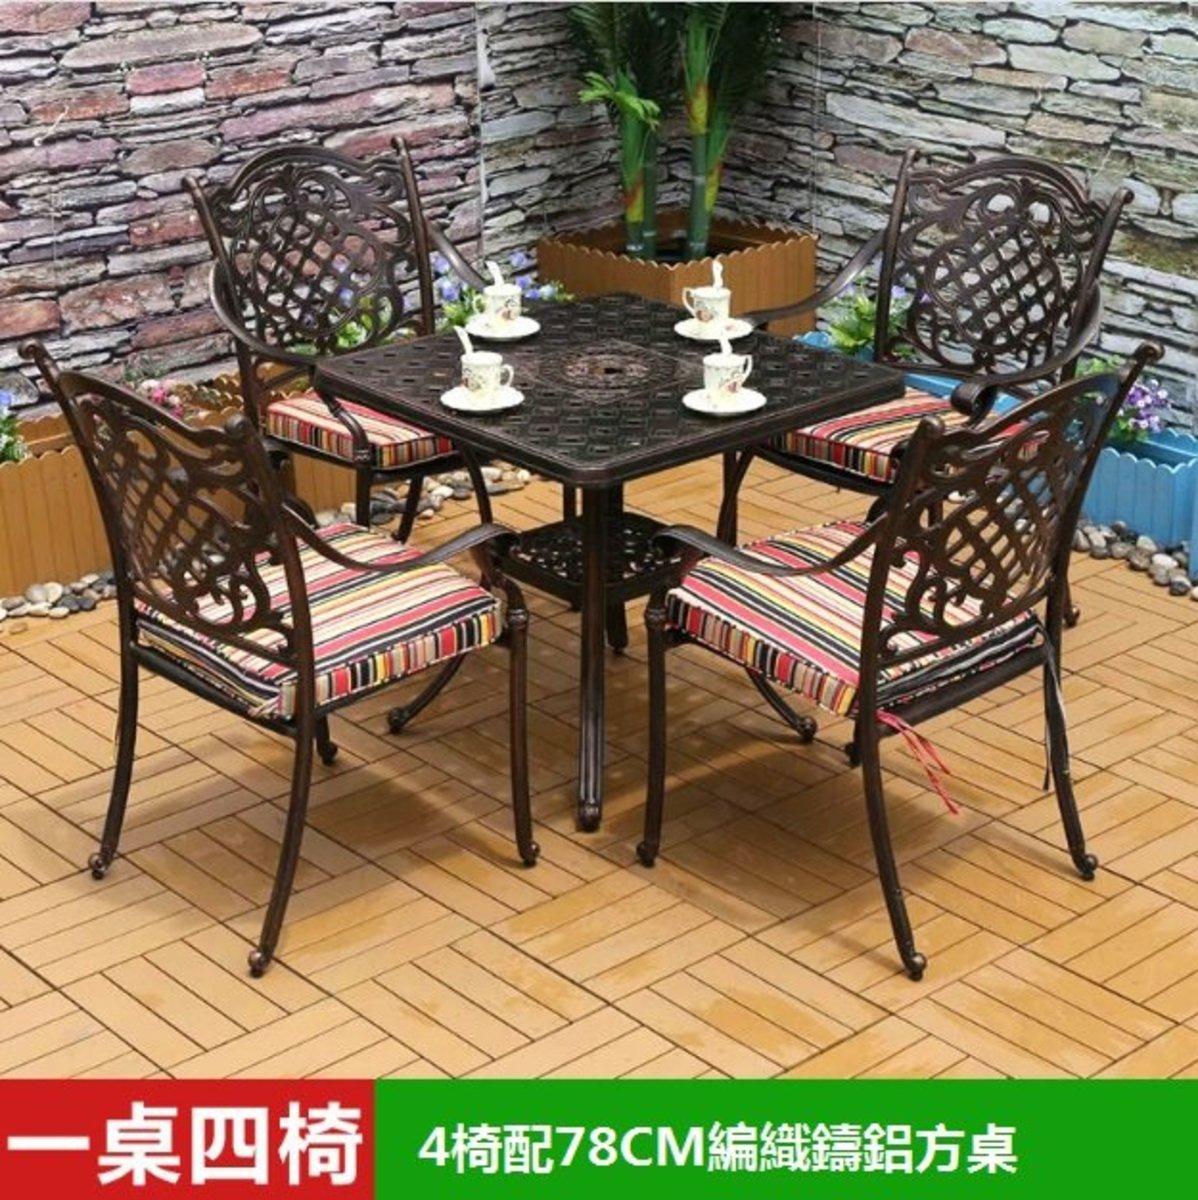 咖啡廳燒烤火鍋長桌(9號:4椅配78CM編織鑄鋁方桌)